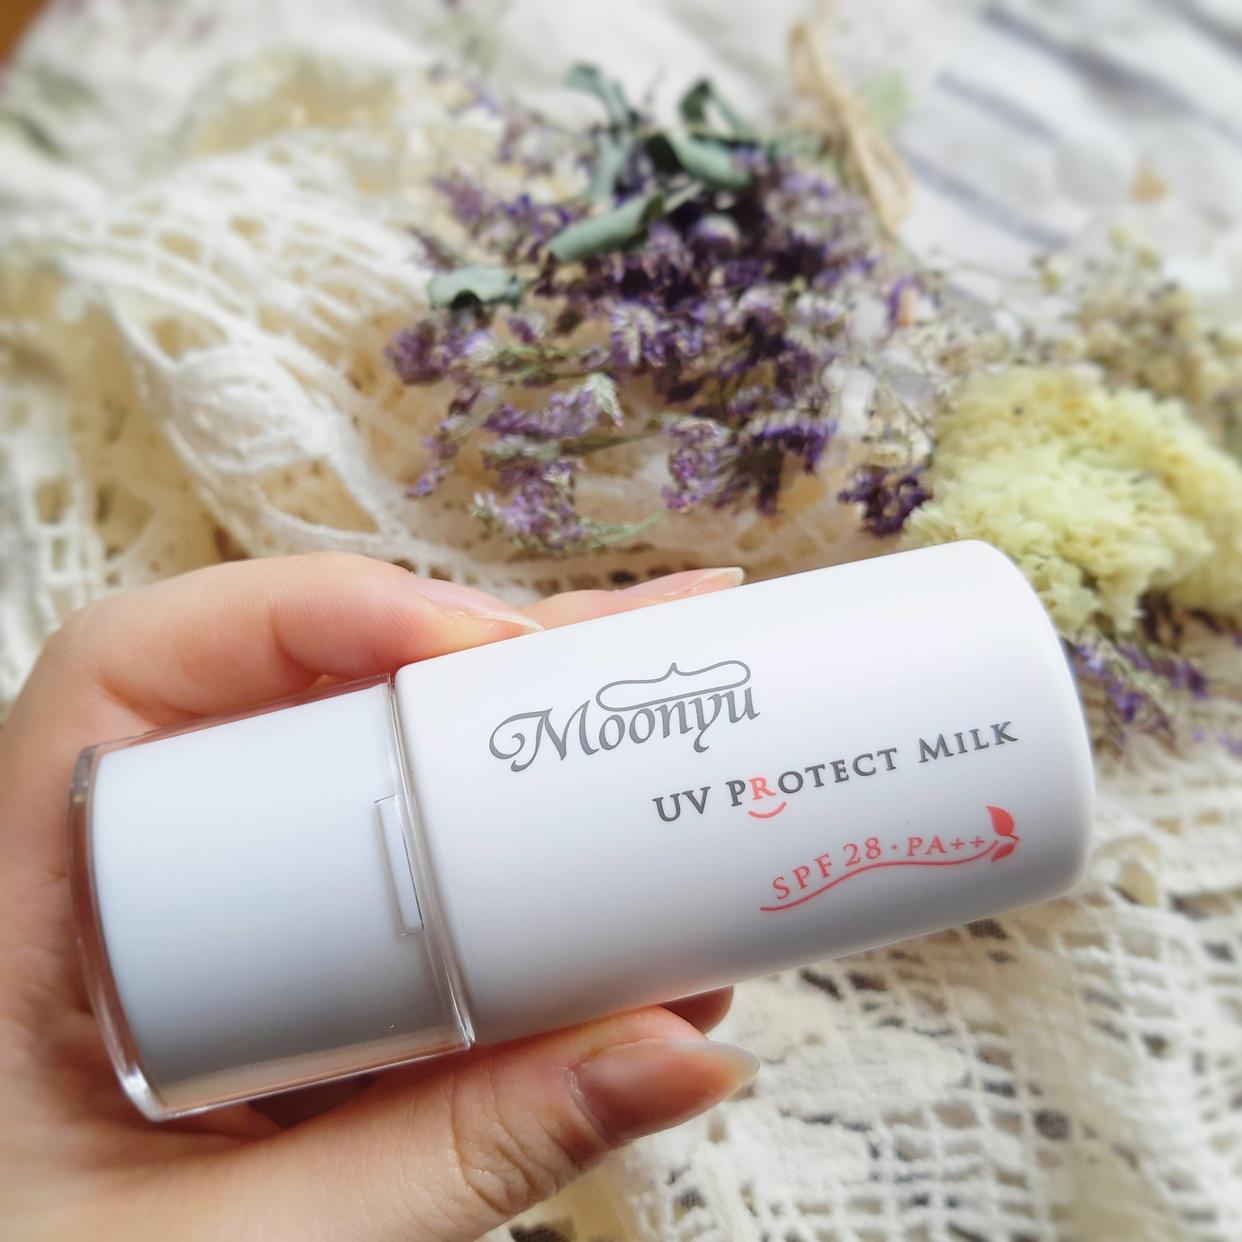 Moonyu(モーニュ) UV プロテクト ミルクを使った銀麦さんのクチコミ画像1